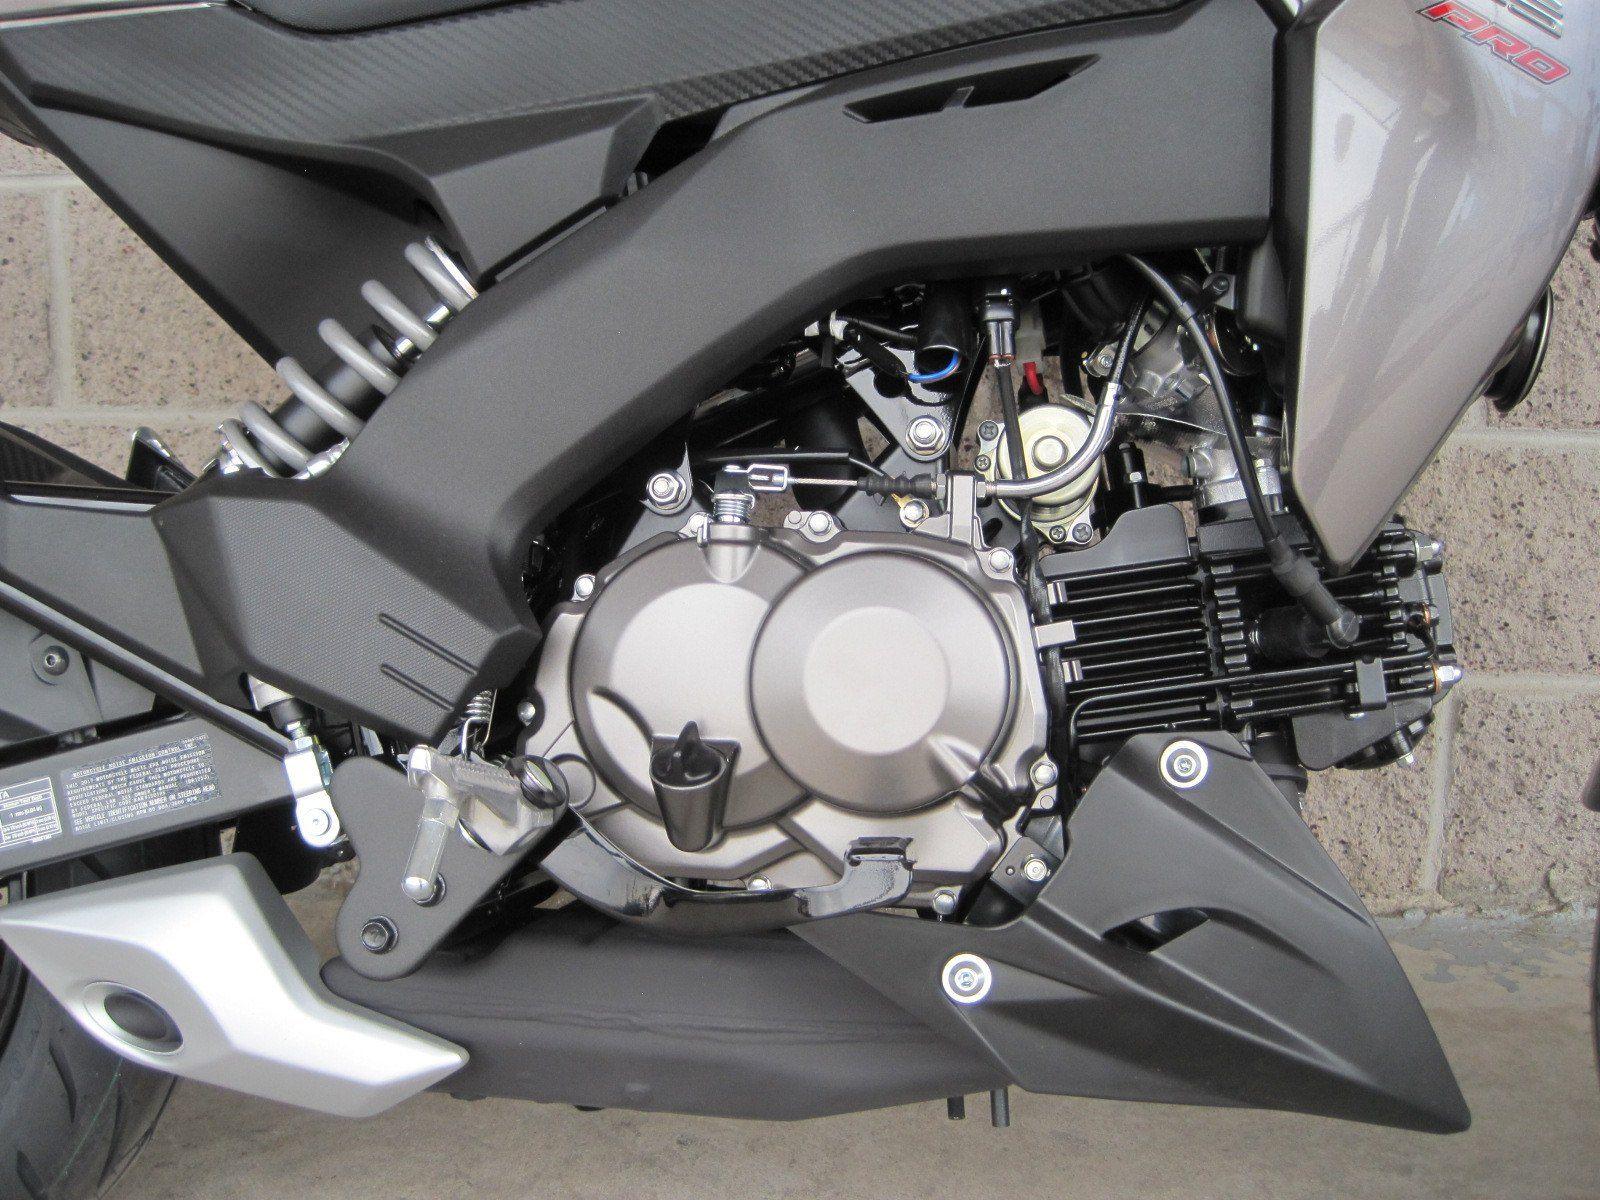 2017 Kawasaki Z125 Pro in Denver, Colorado